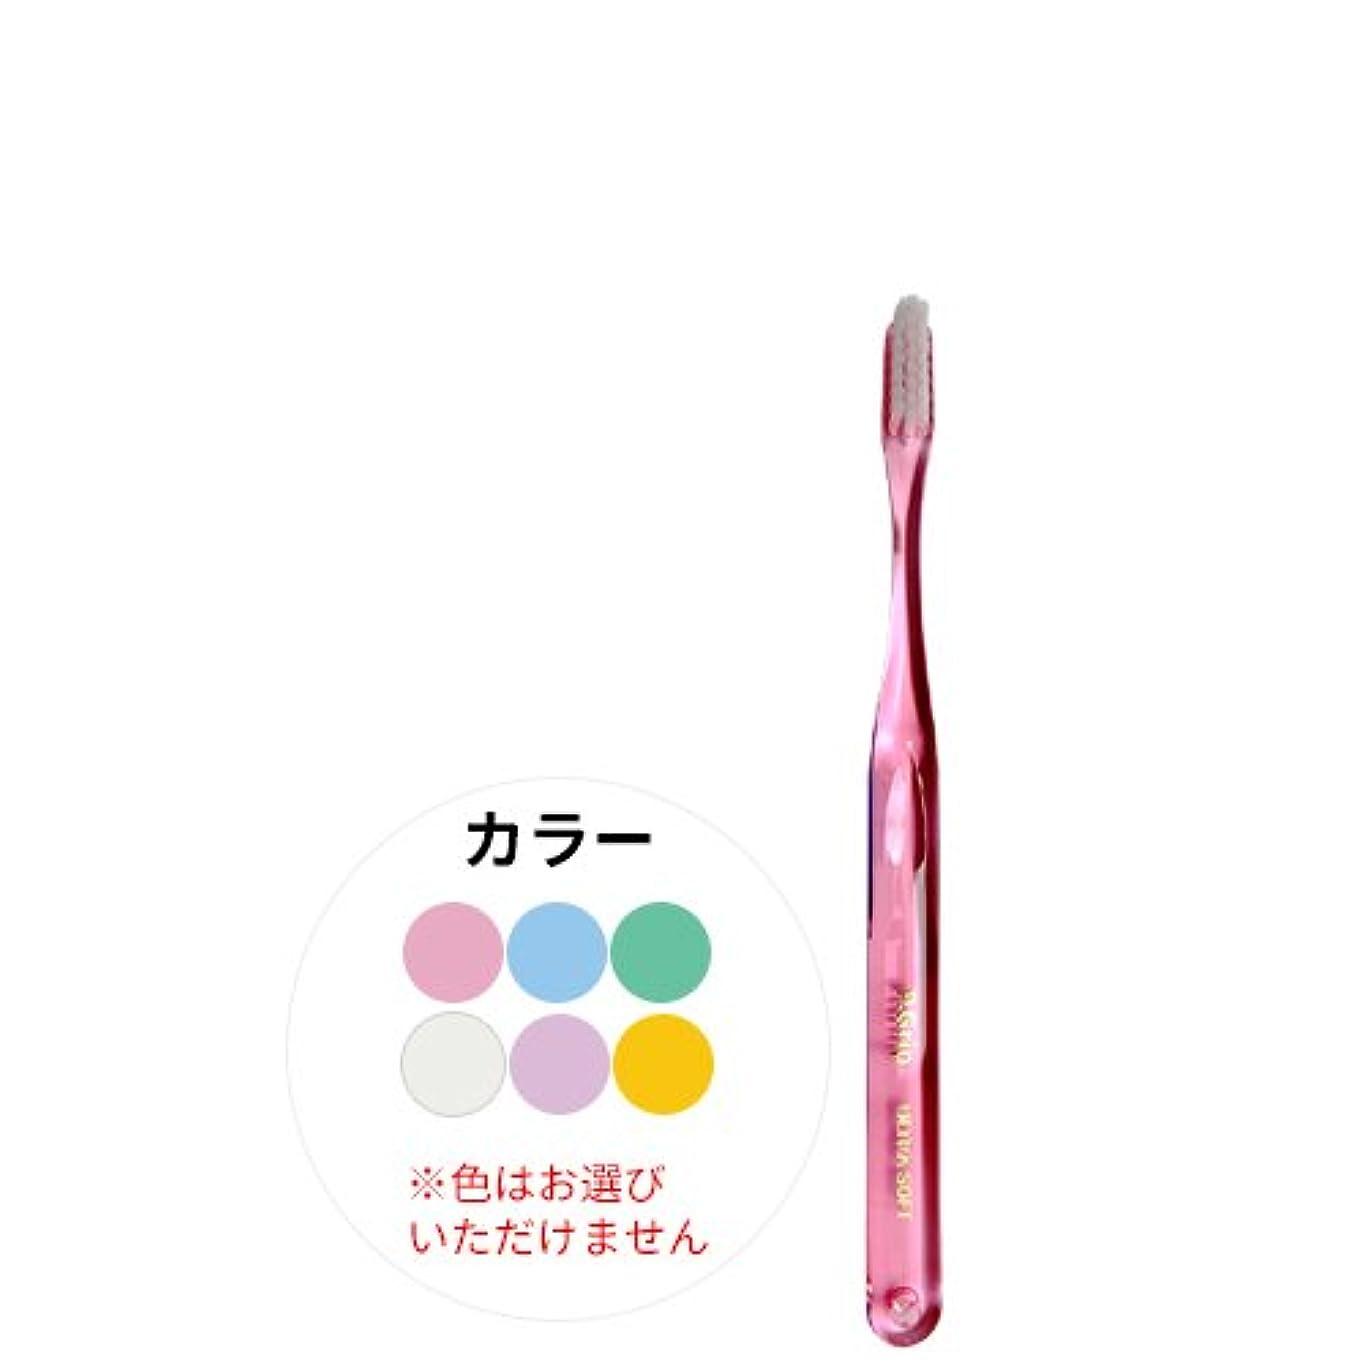 賛美歌つぼみ骨折P.D.R.(ピーディーアール) P.Grip(ピーグリップ)ウルトラソフト 歯ブラシ × 1本